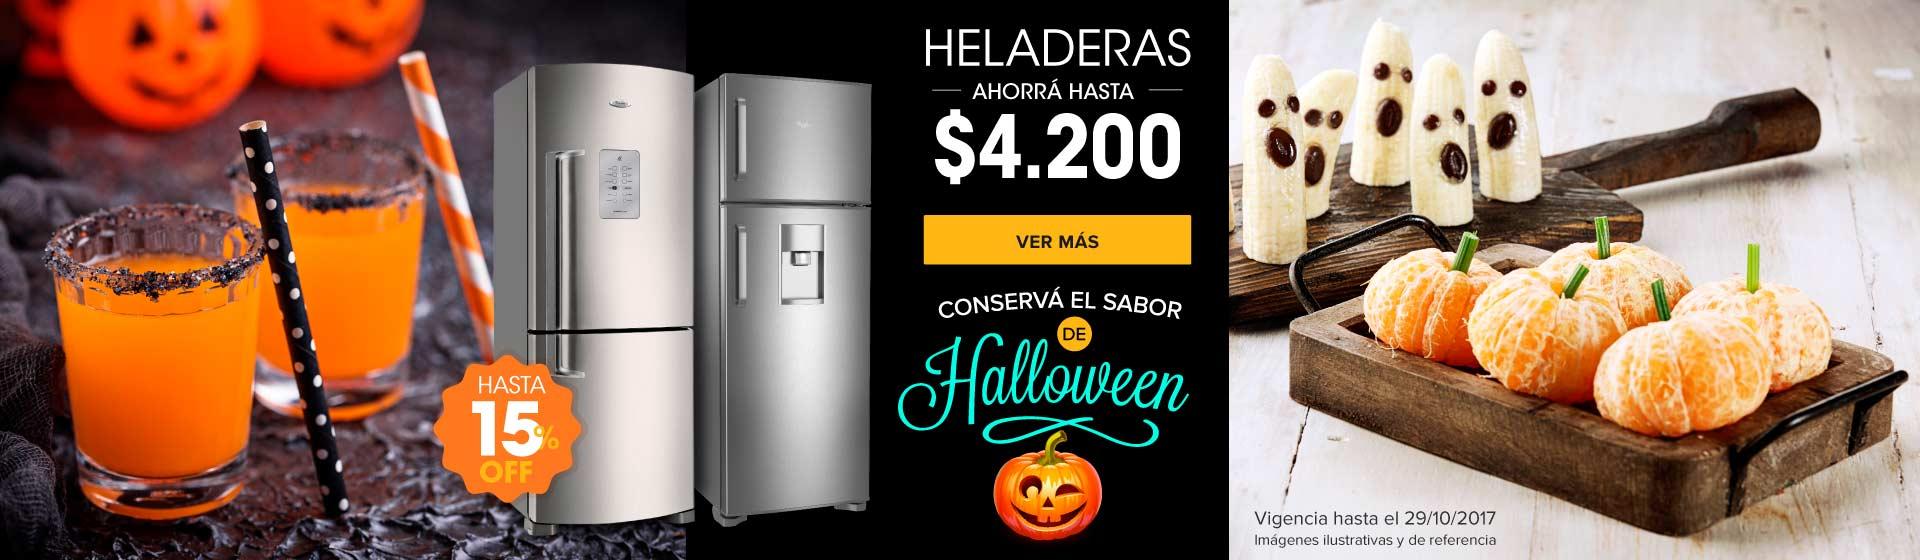 Heladeras Madres halloween